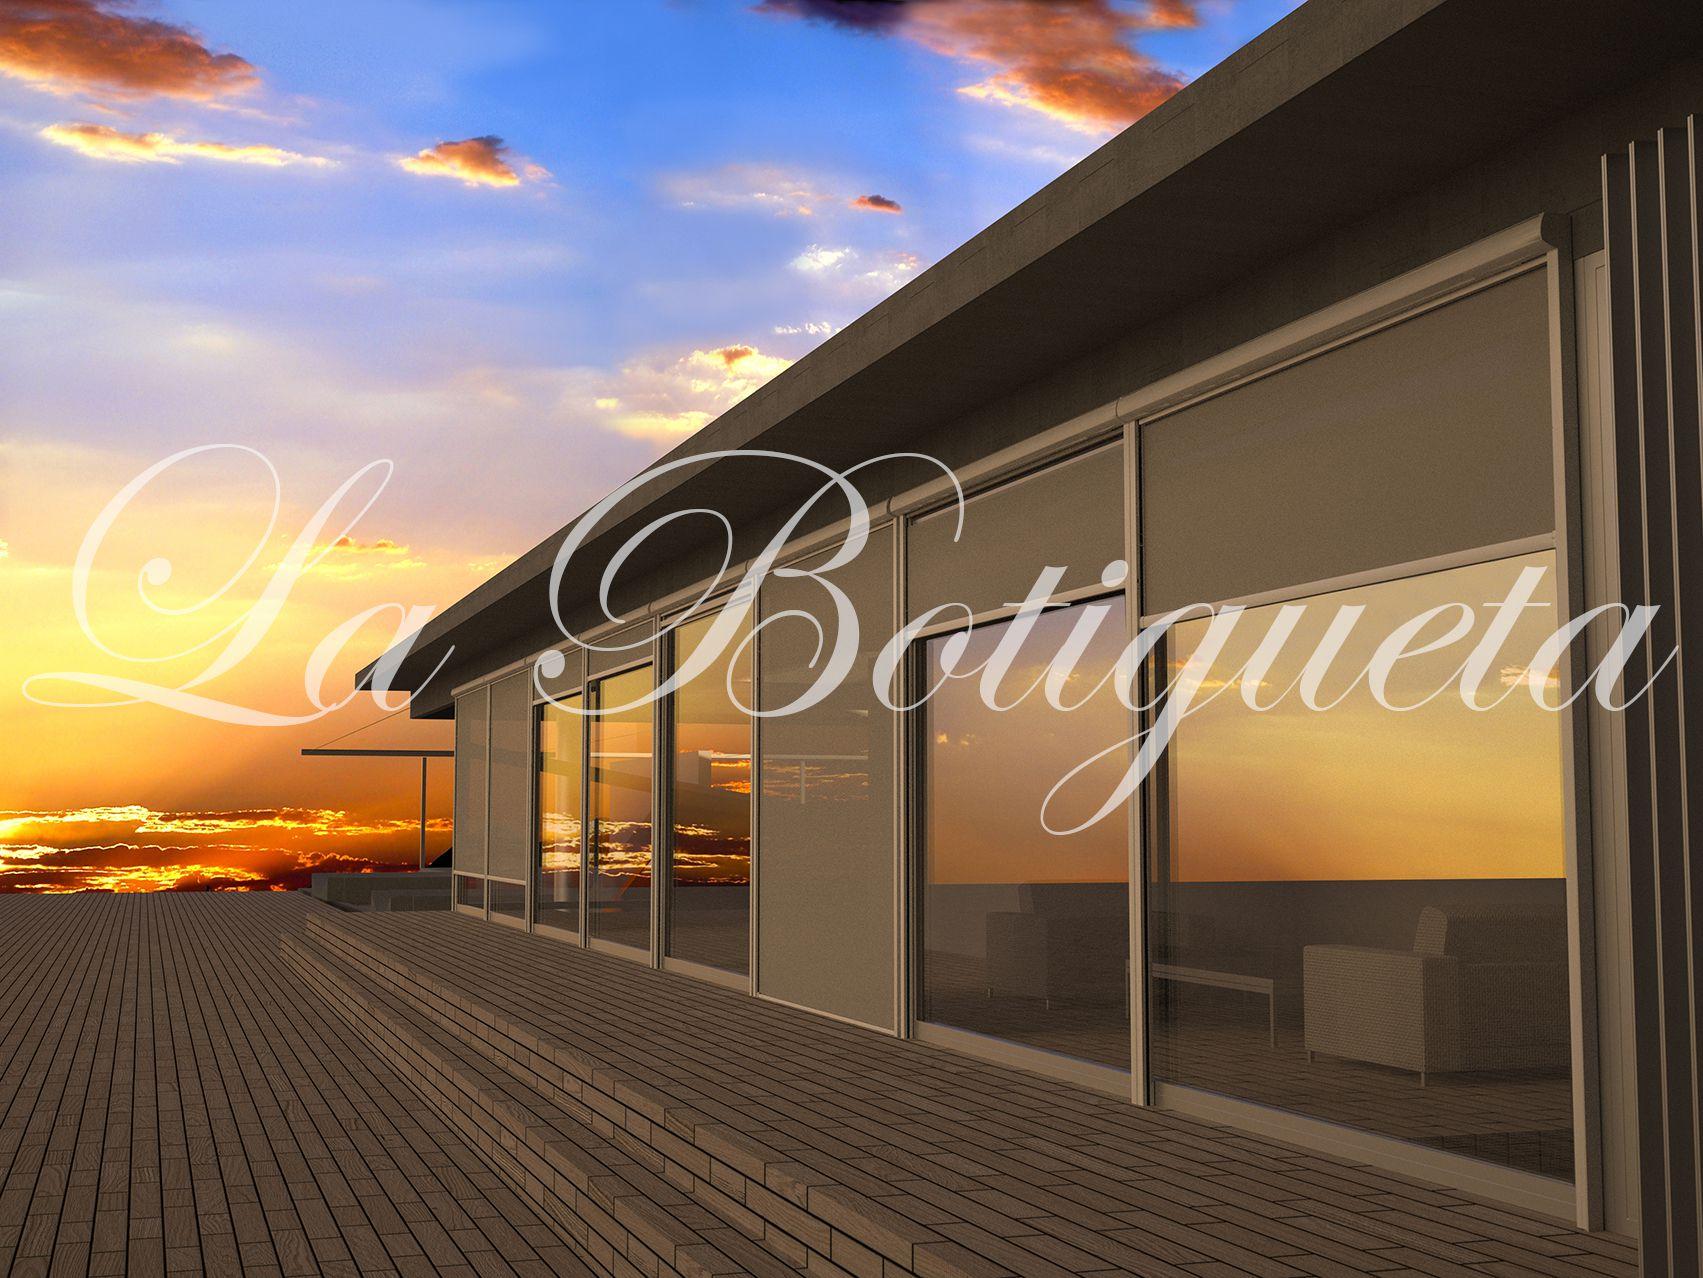 Toldos y cortinas exteriores para terrazas de tela resistente - Cortinas toldo para terrazas ...